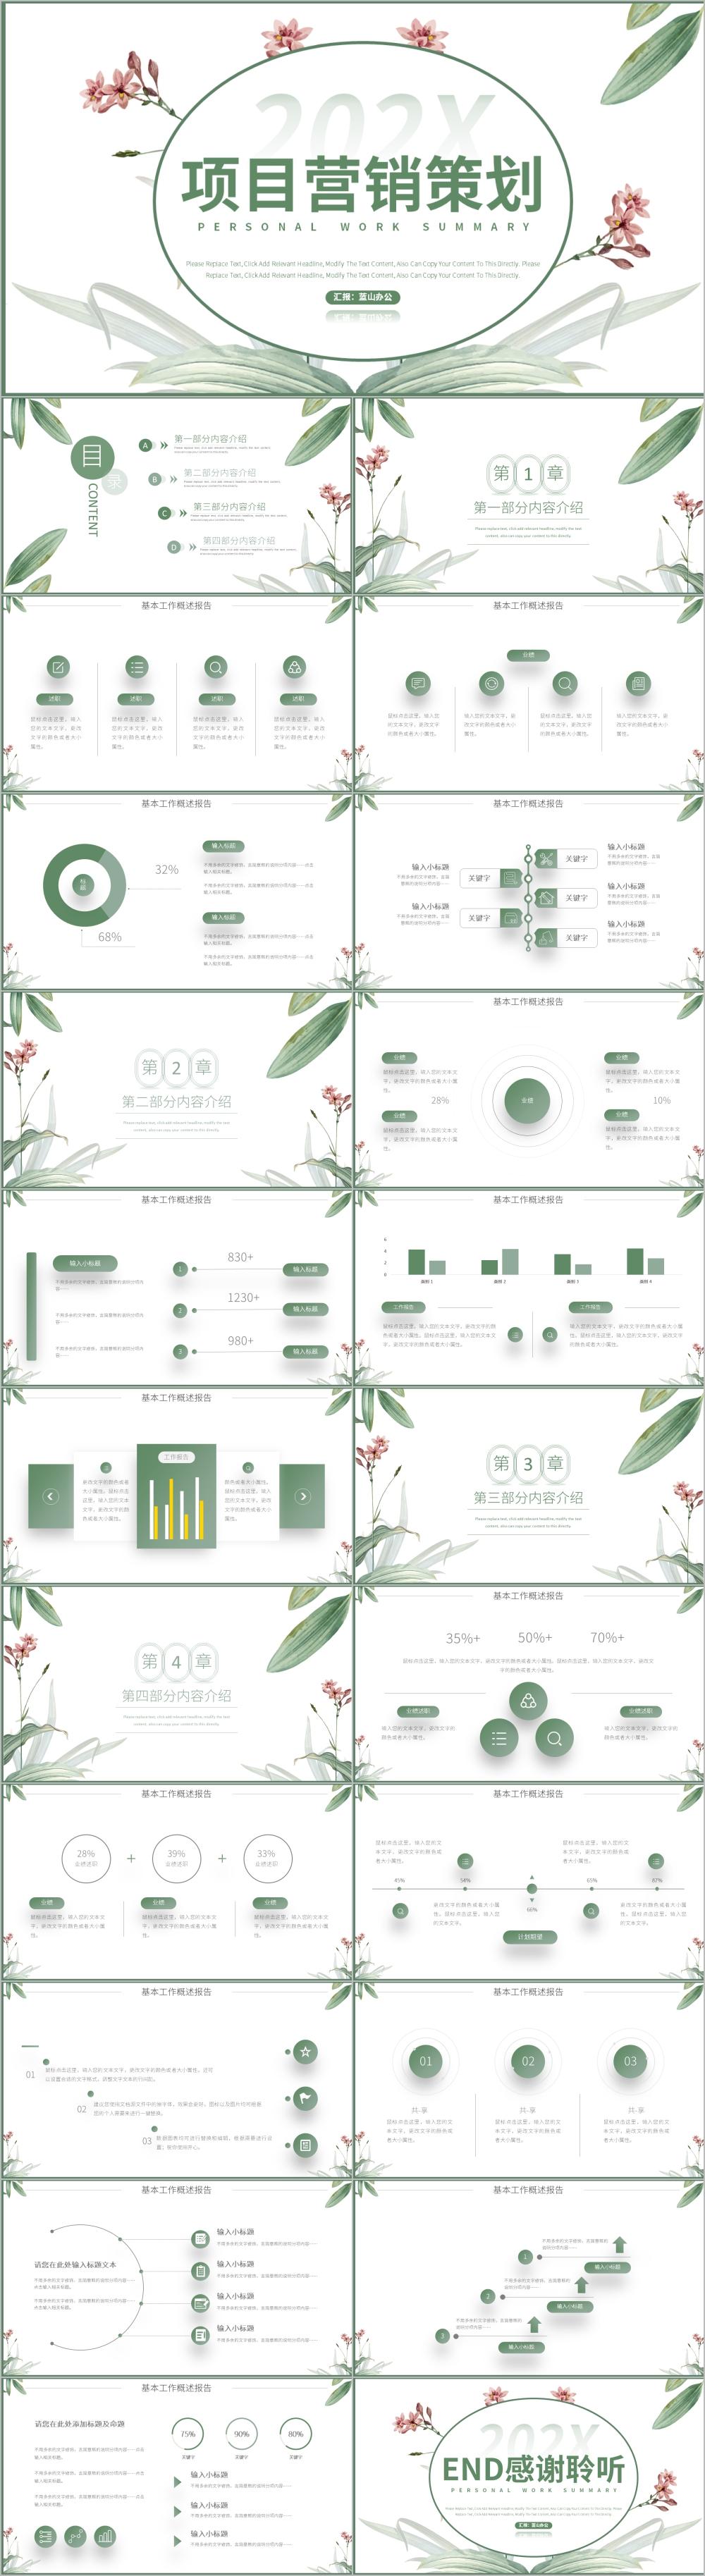 清新绿色手绘叶子营销策划方案PPT模板